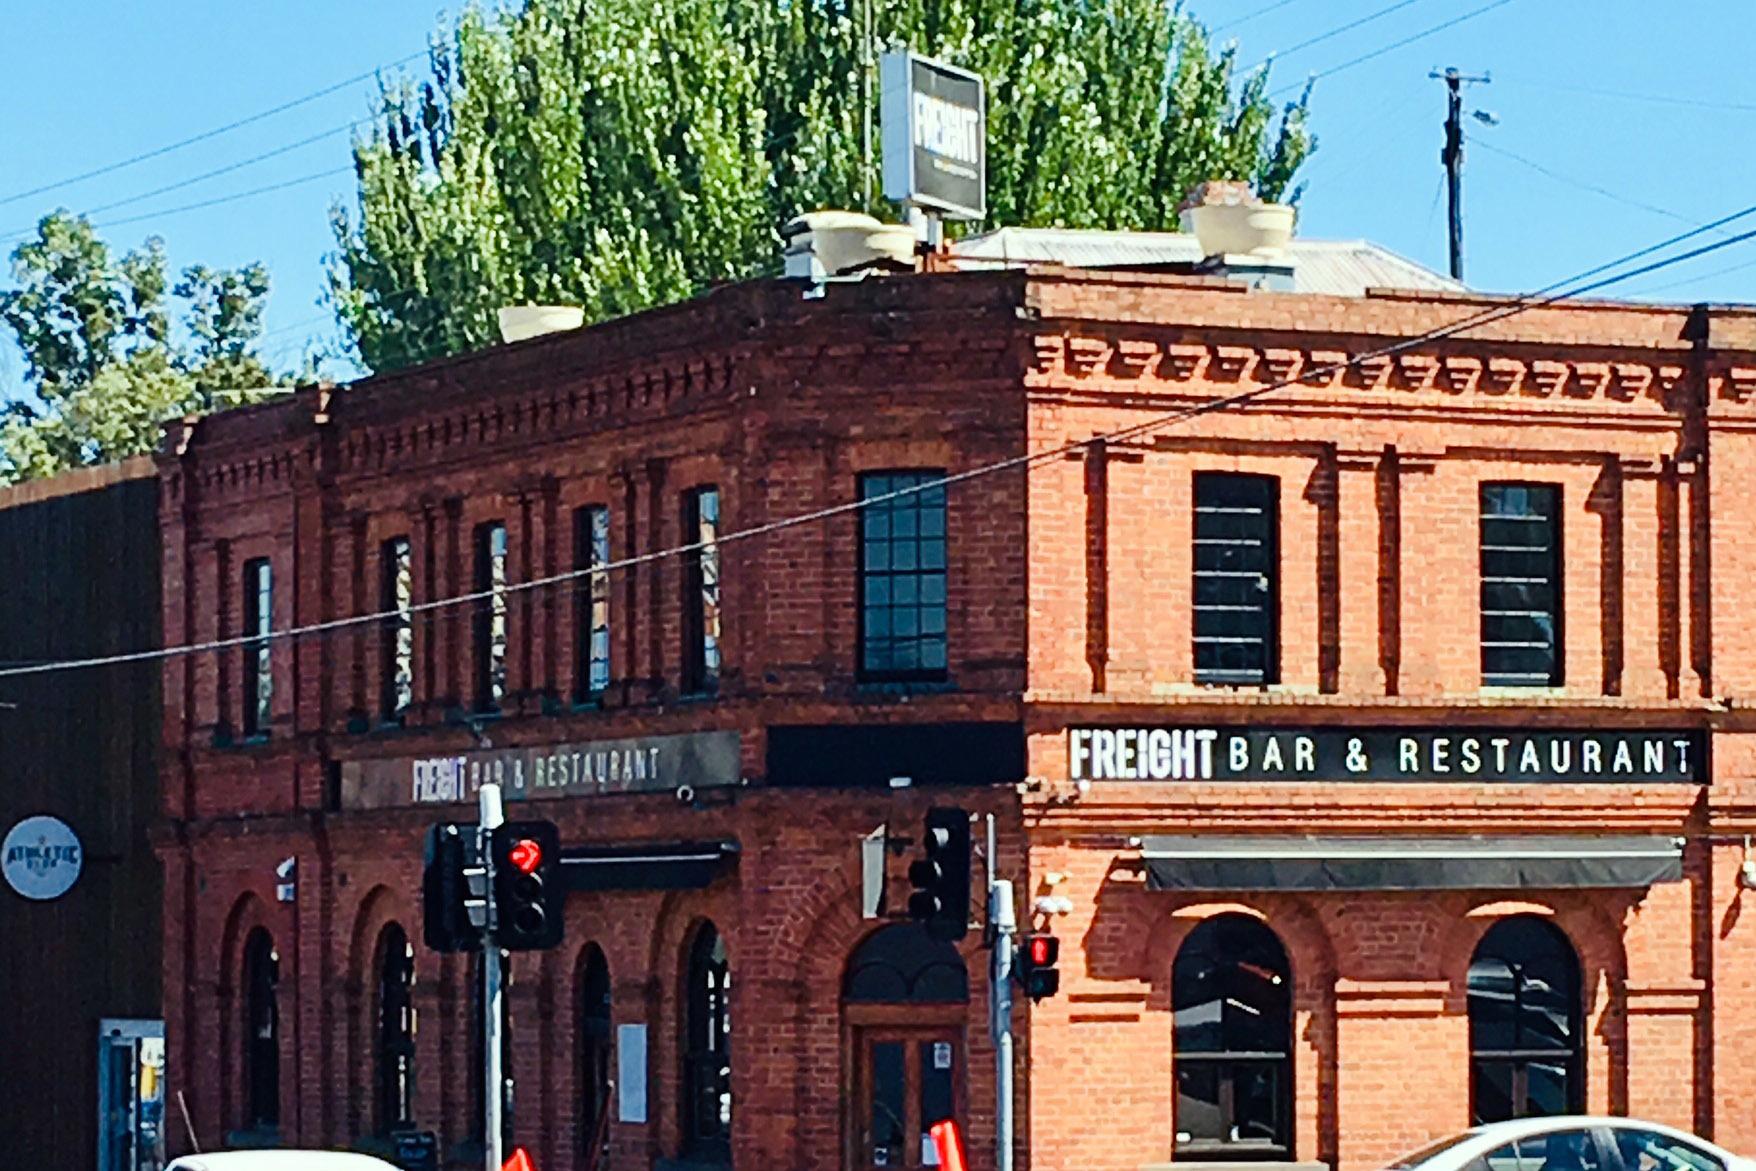 a - Freight Bar & Restaurant